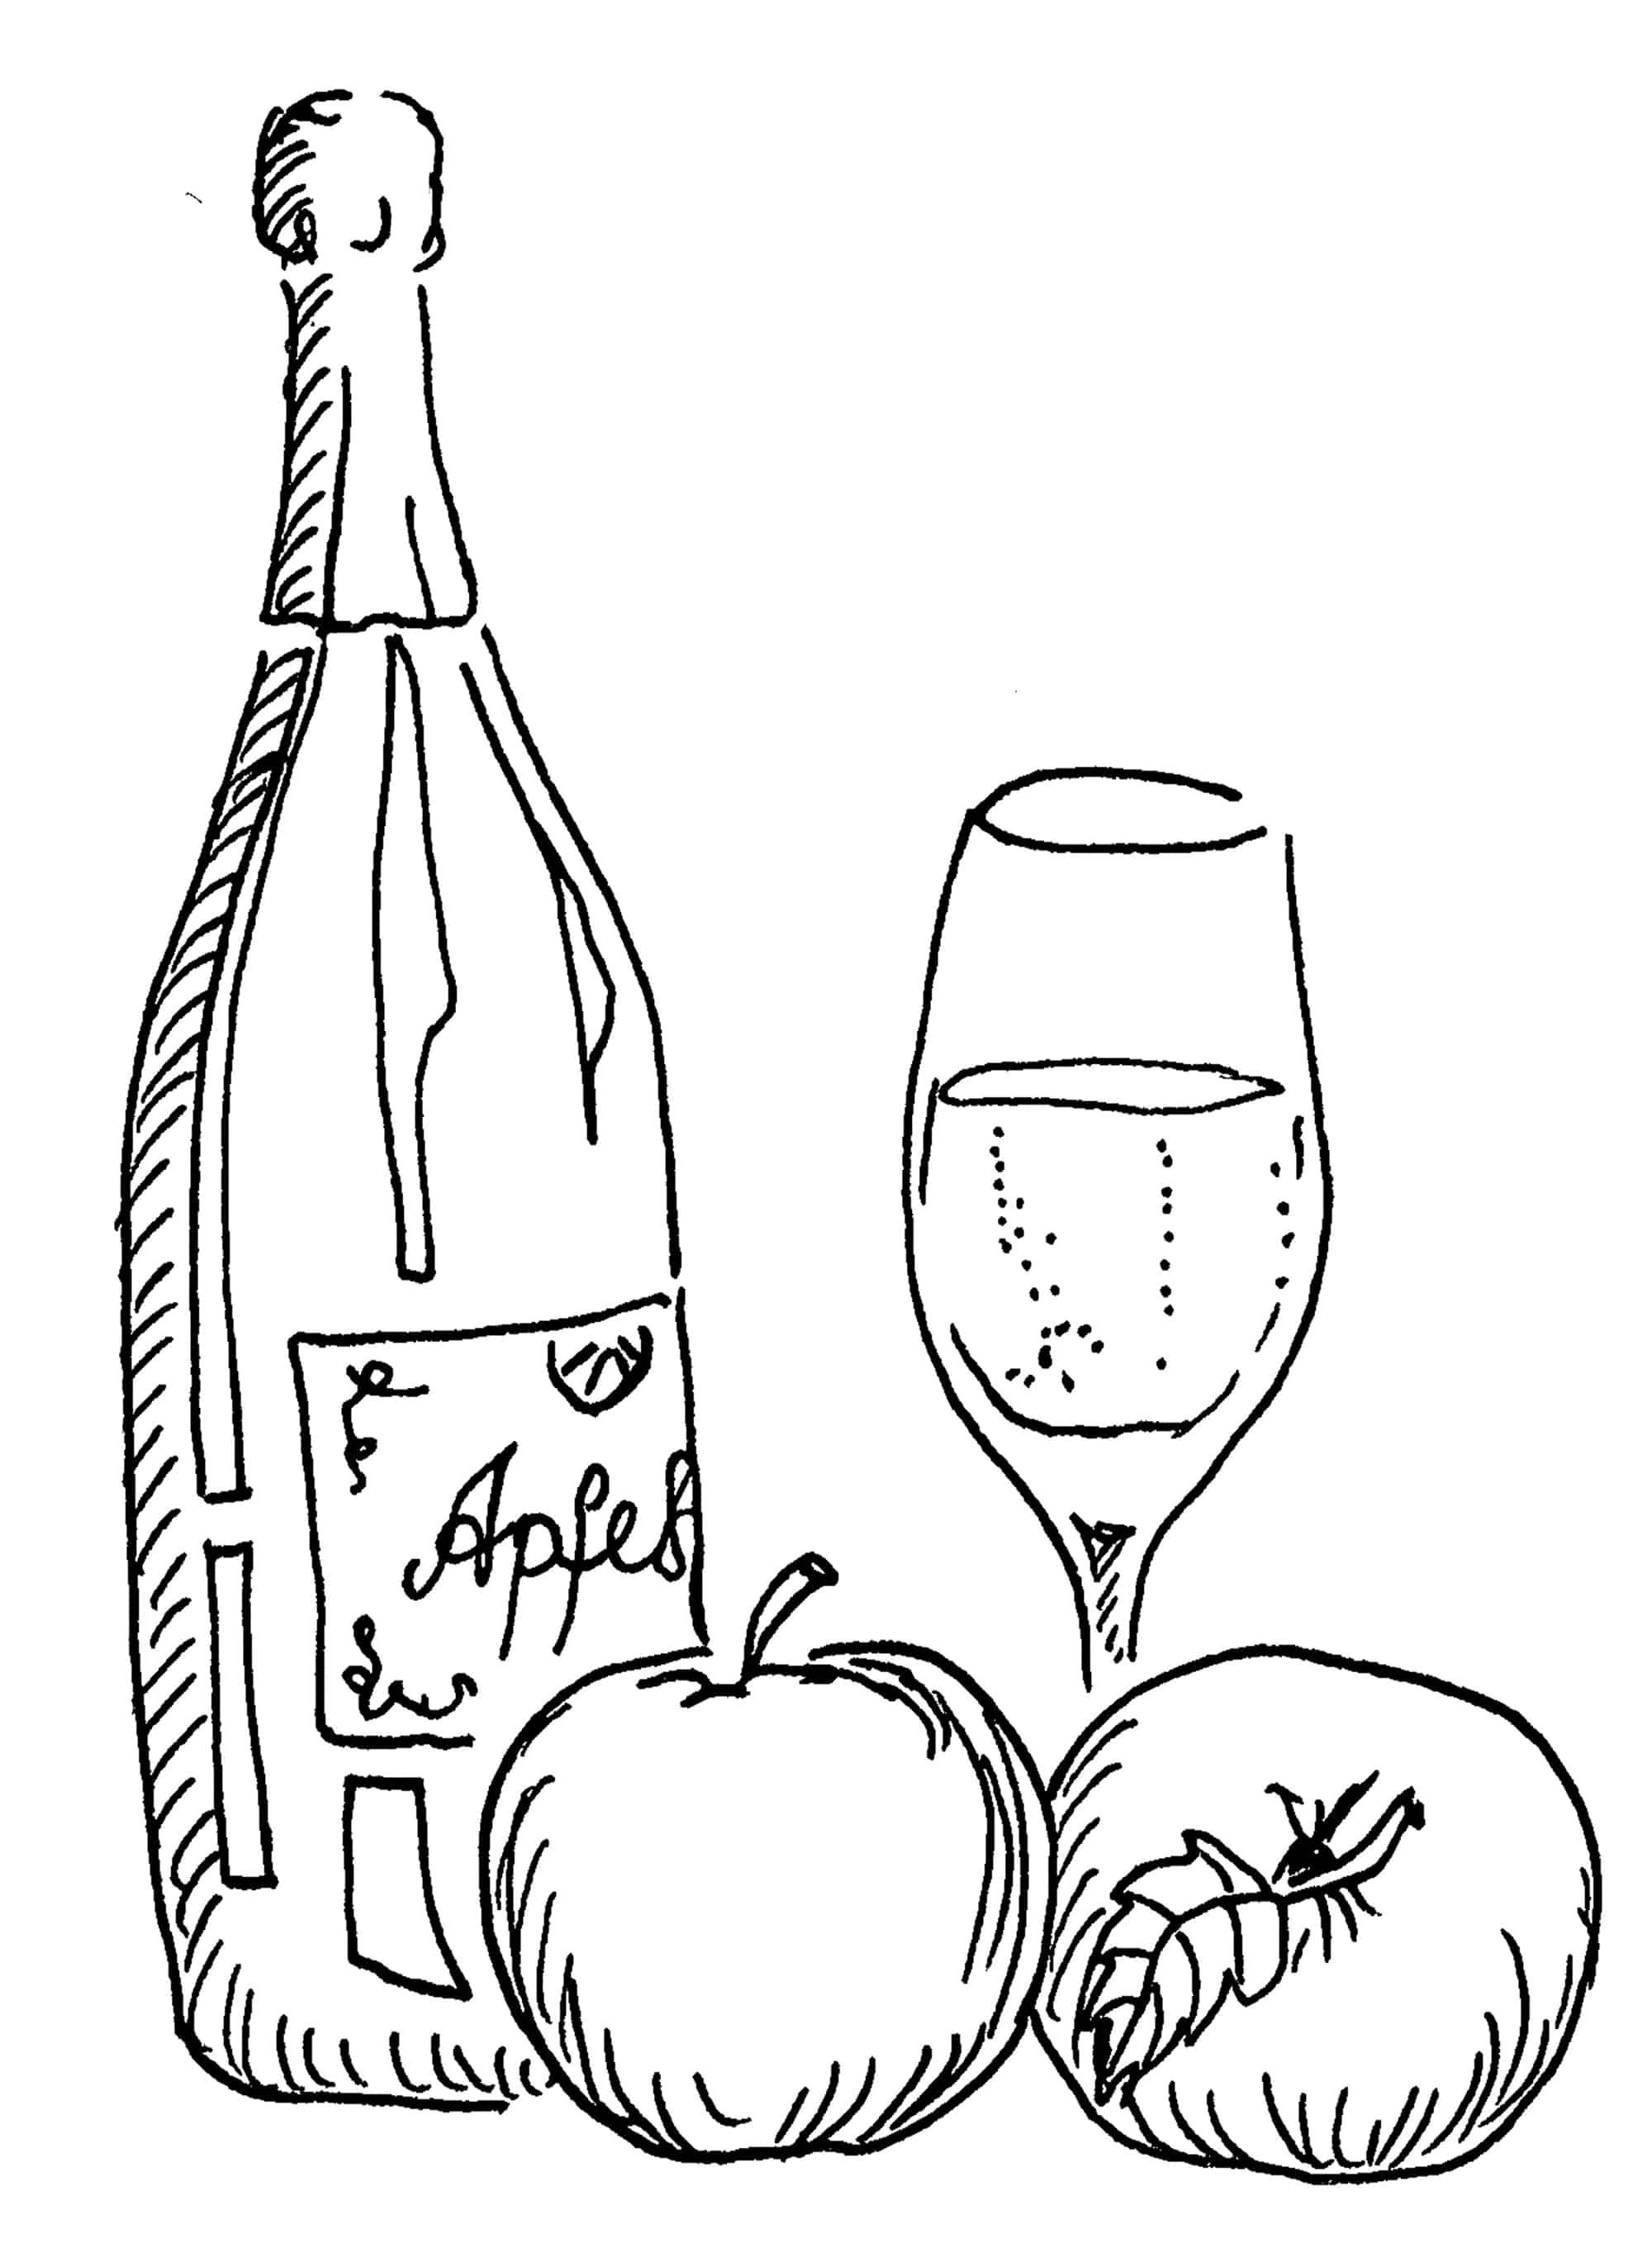 Trinke Apfelsekt jetzt, warte nicht auf bessere Zeiten - ein Impuls von Kerstin Hack